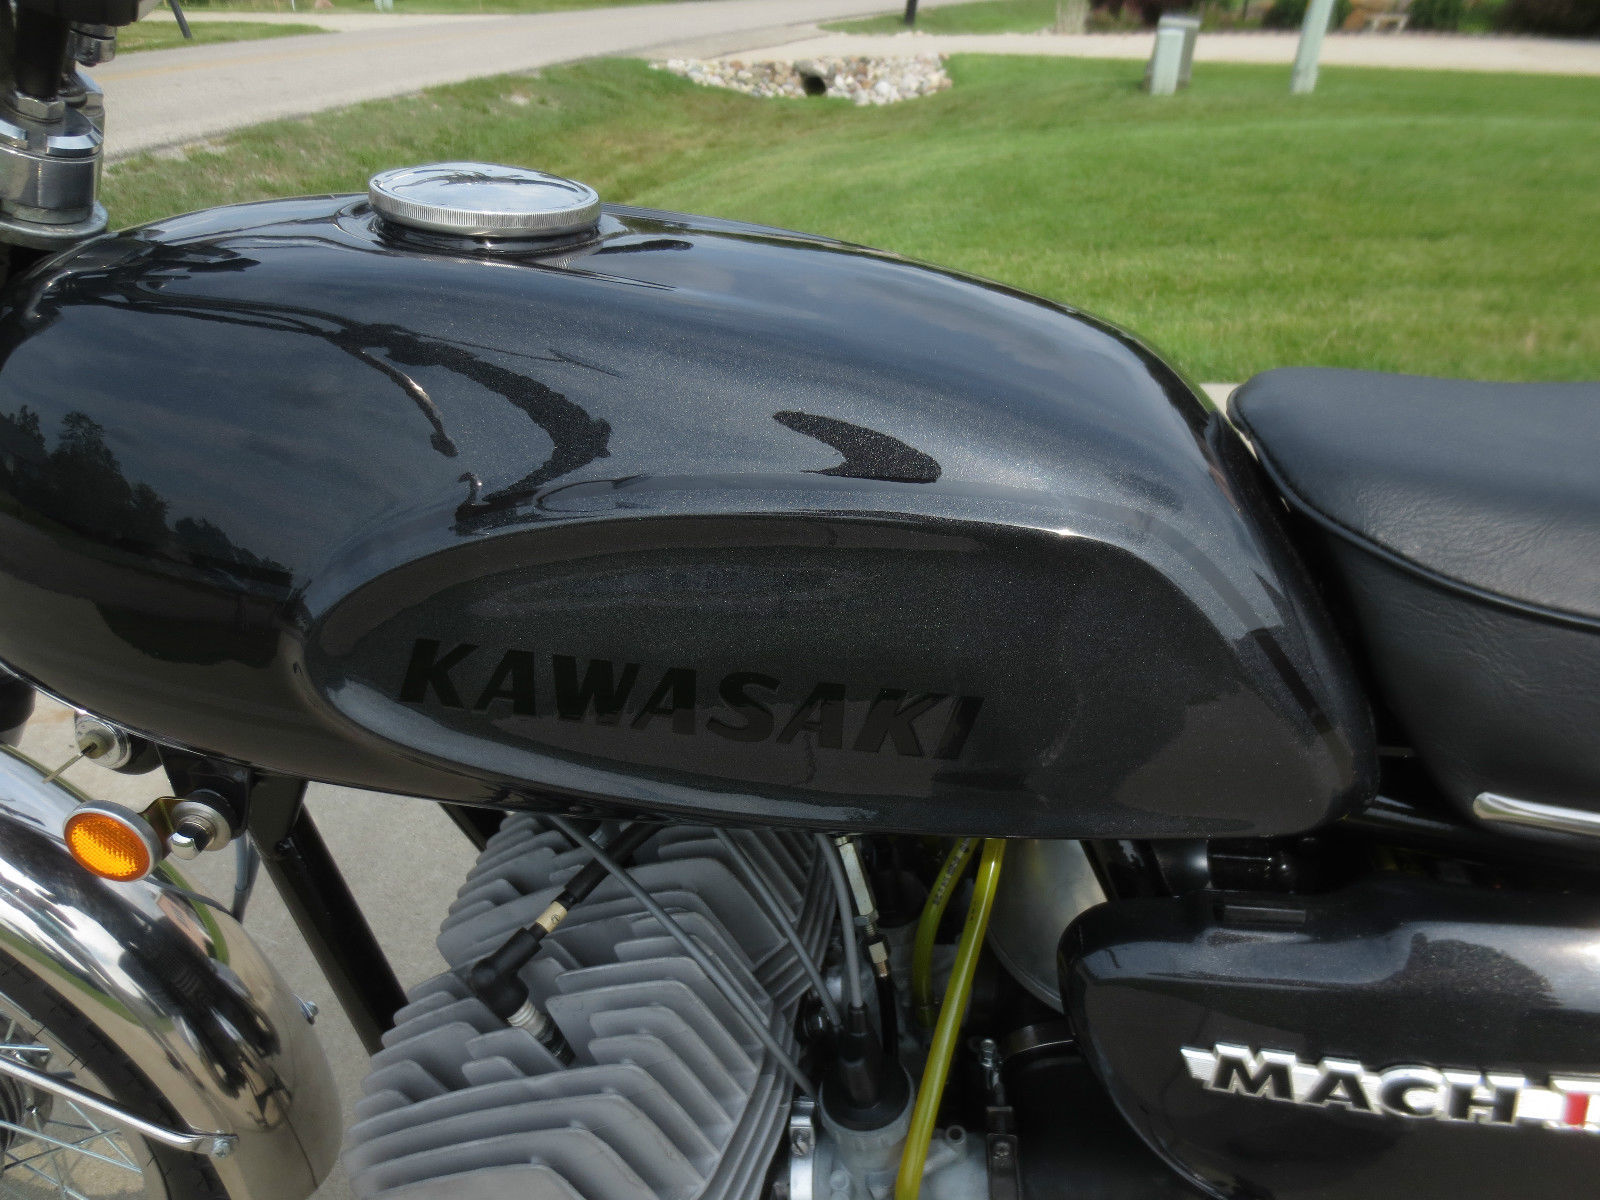 Kawasaki Mach 111 - 1970